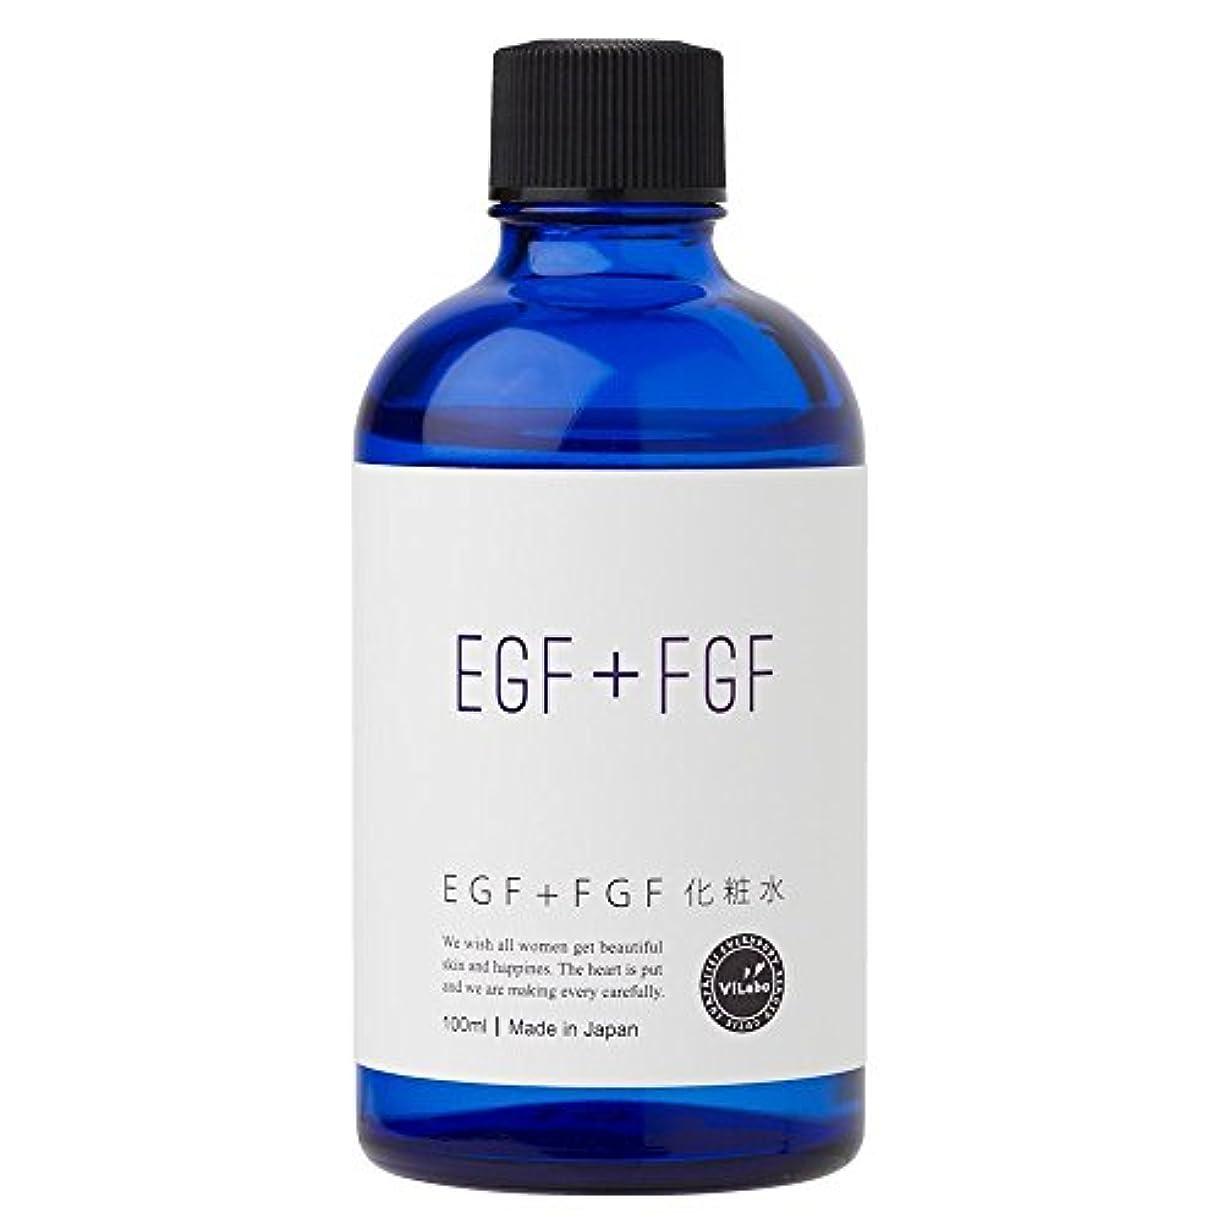 ダッシュ幅領域EGF+FGF化粧水-天然温泉水+高級美容成分の浸透型化粧水-品名:ハッピーローションEF ノンパラベン、アルコール、フェノキシエタノール、石油系合成界面活性剤無添加 (ボトルタイプ100ml)